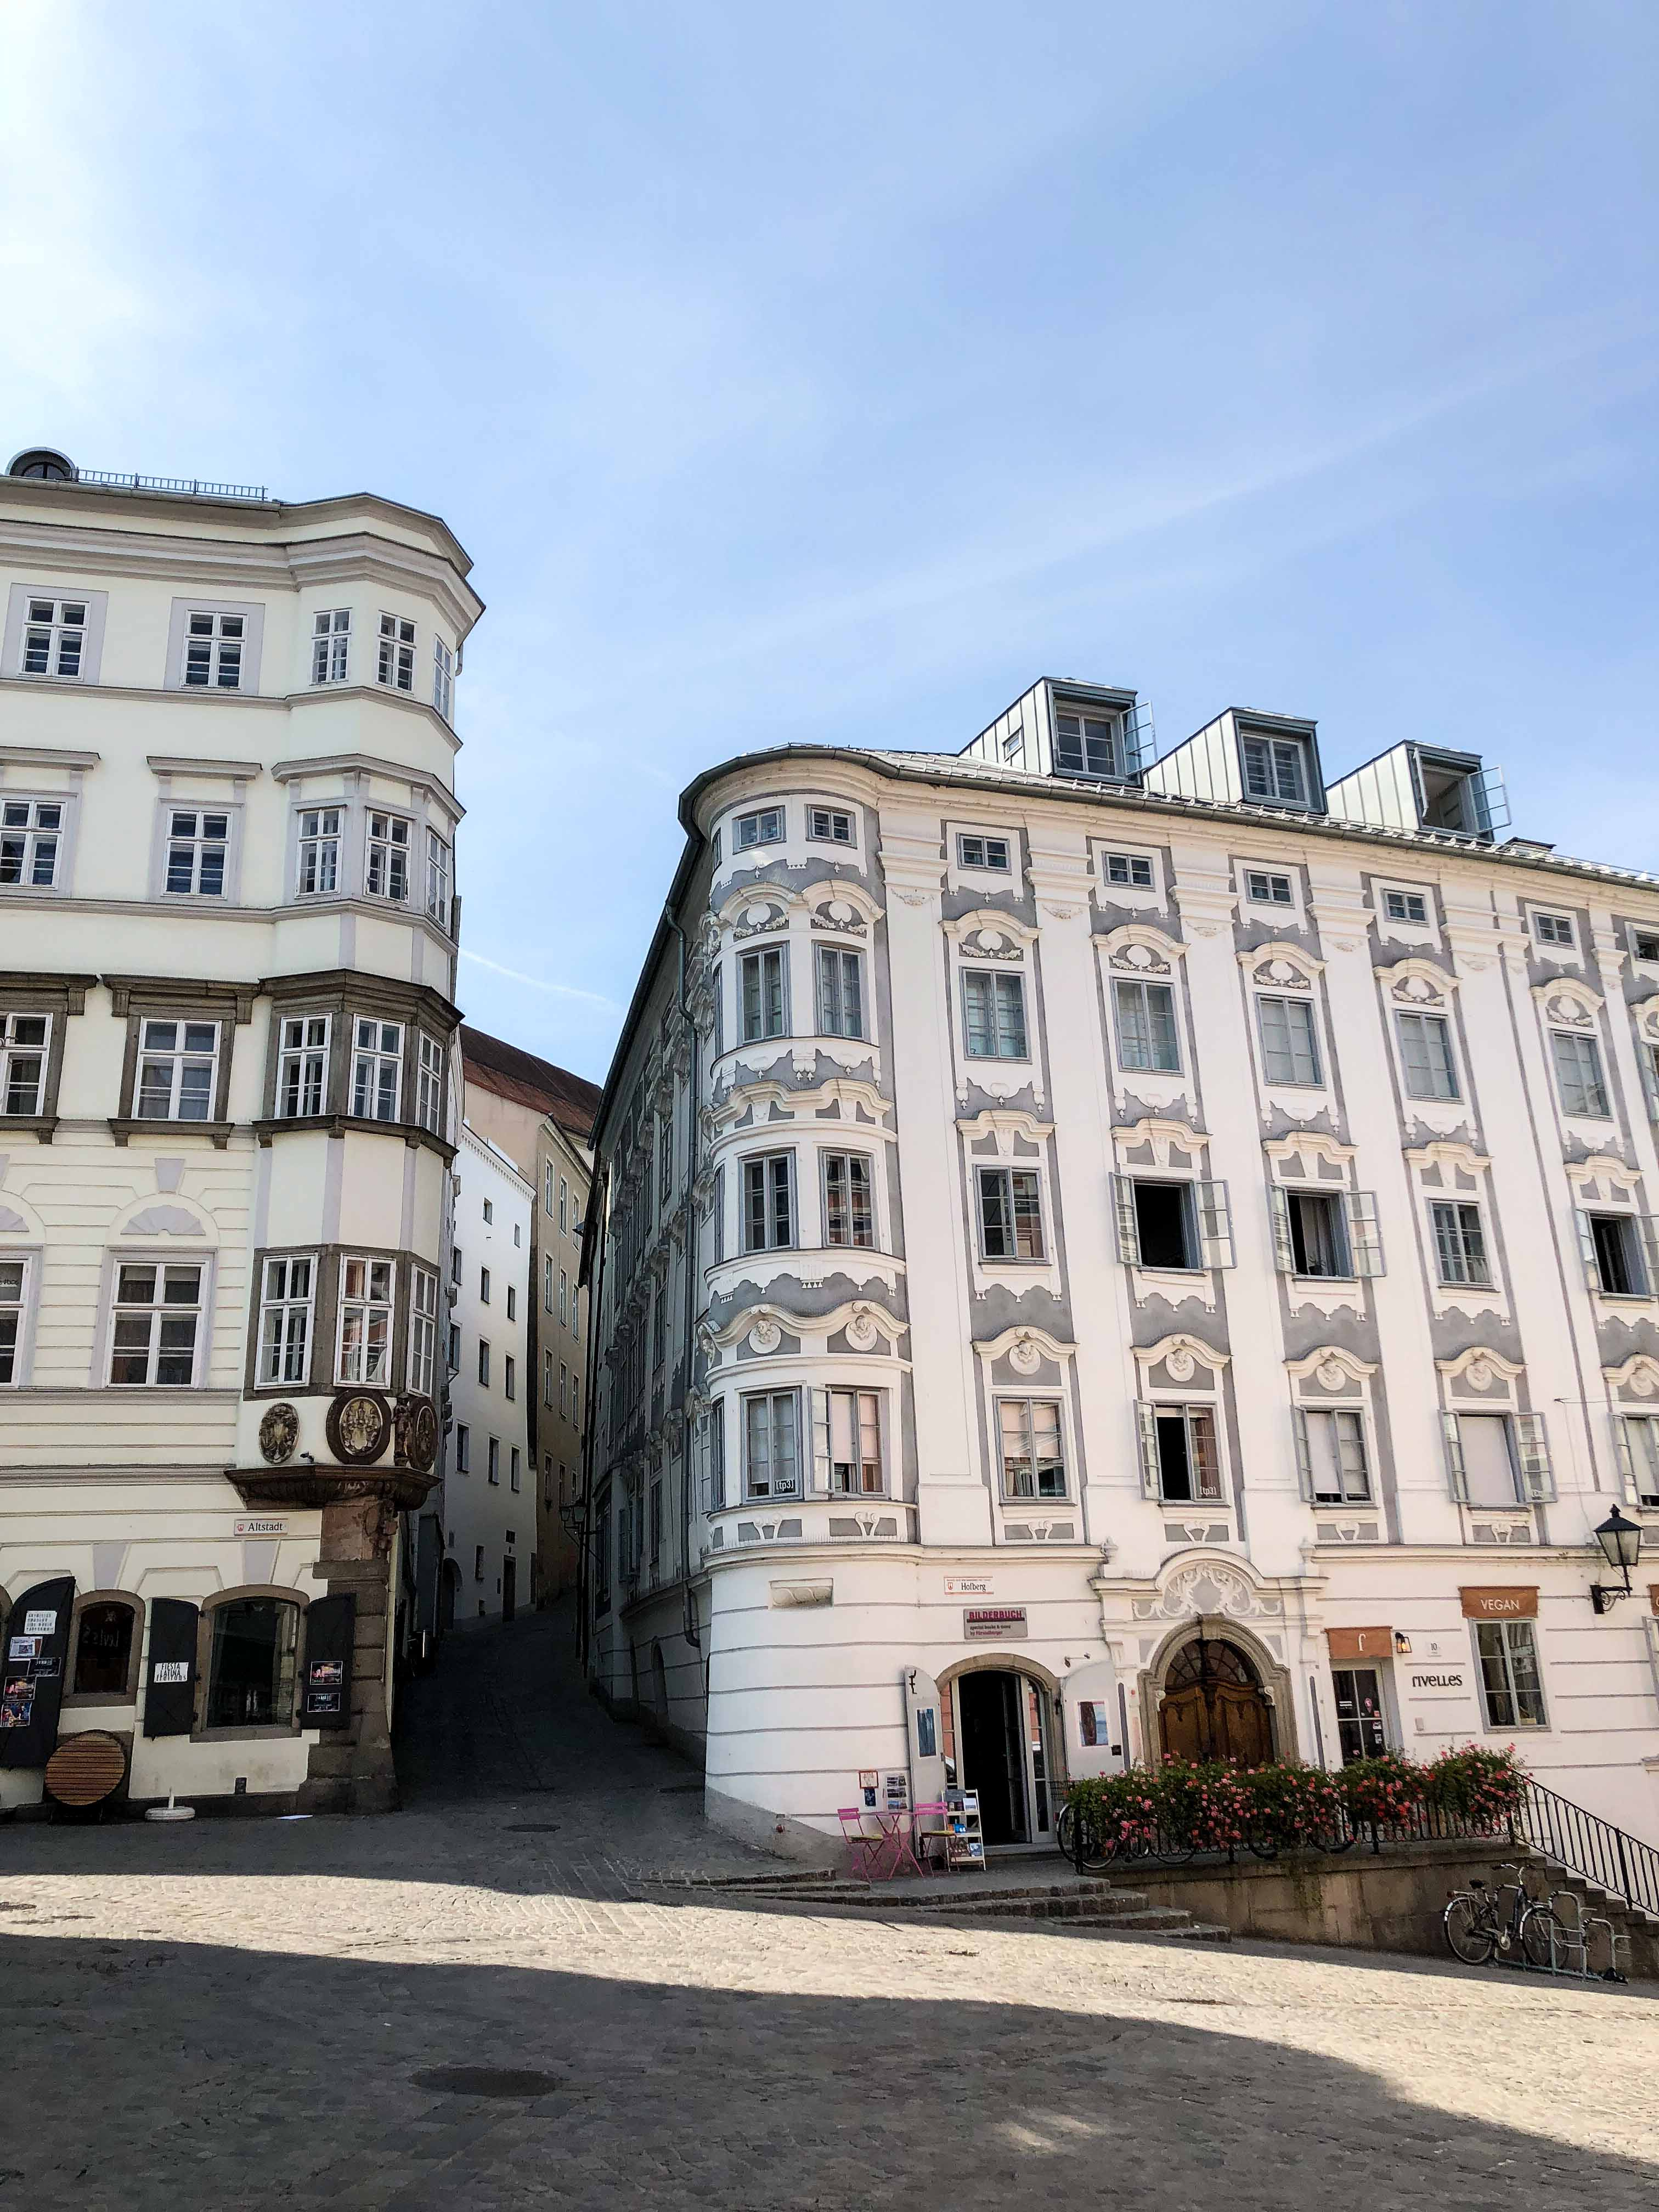 Linz Mozarthaus Österreich Insider Tipps Sehenswürdigkeiten Donaukreuzfahrt Arosa Reiseblog 2